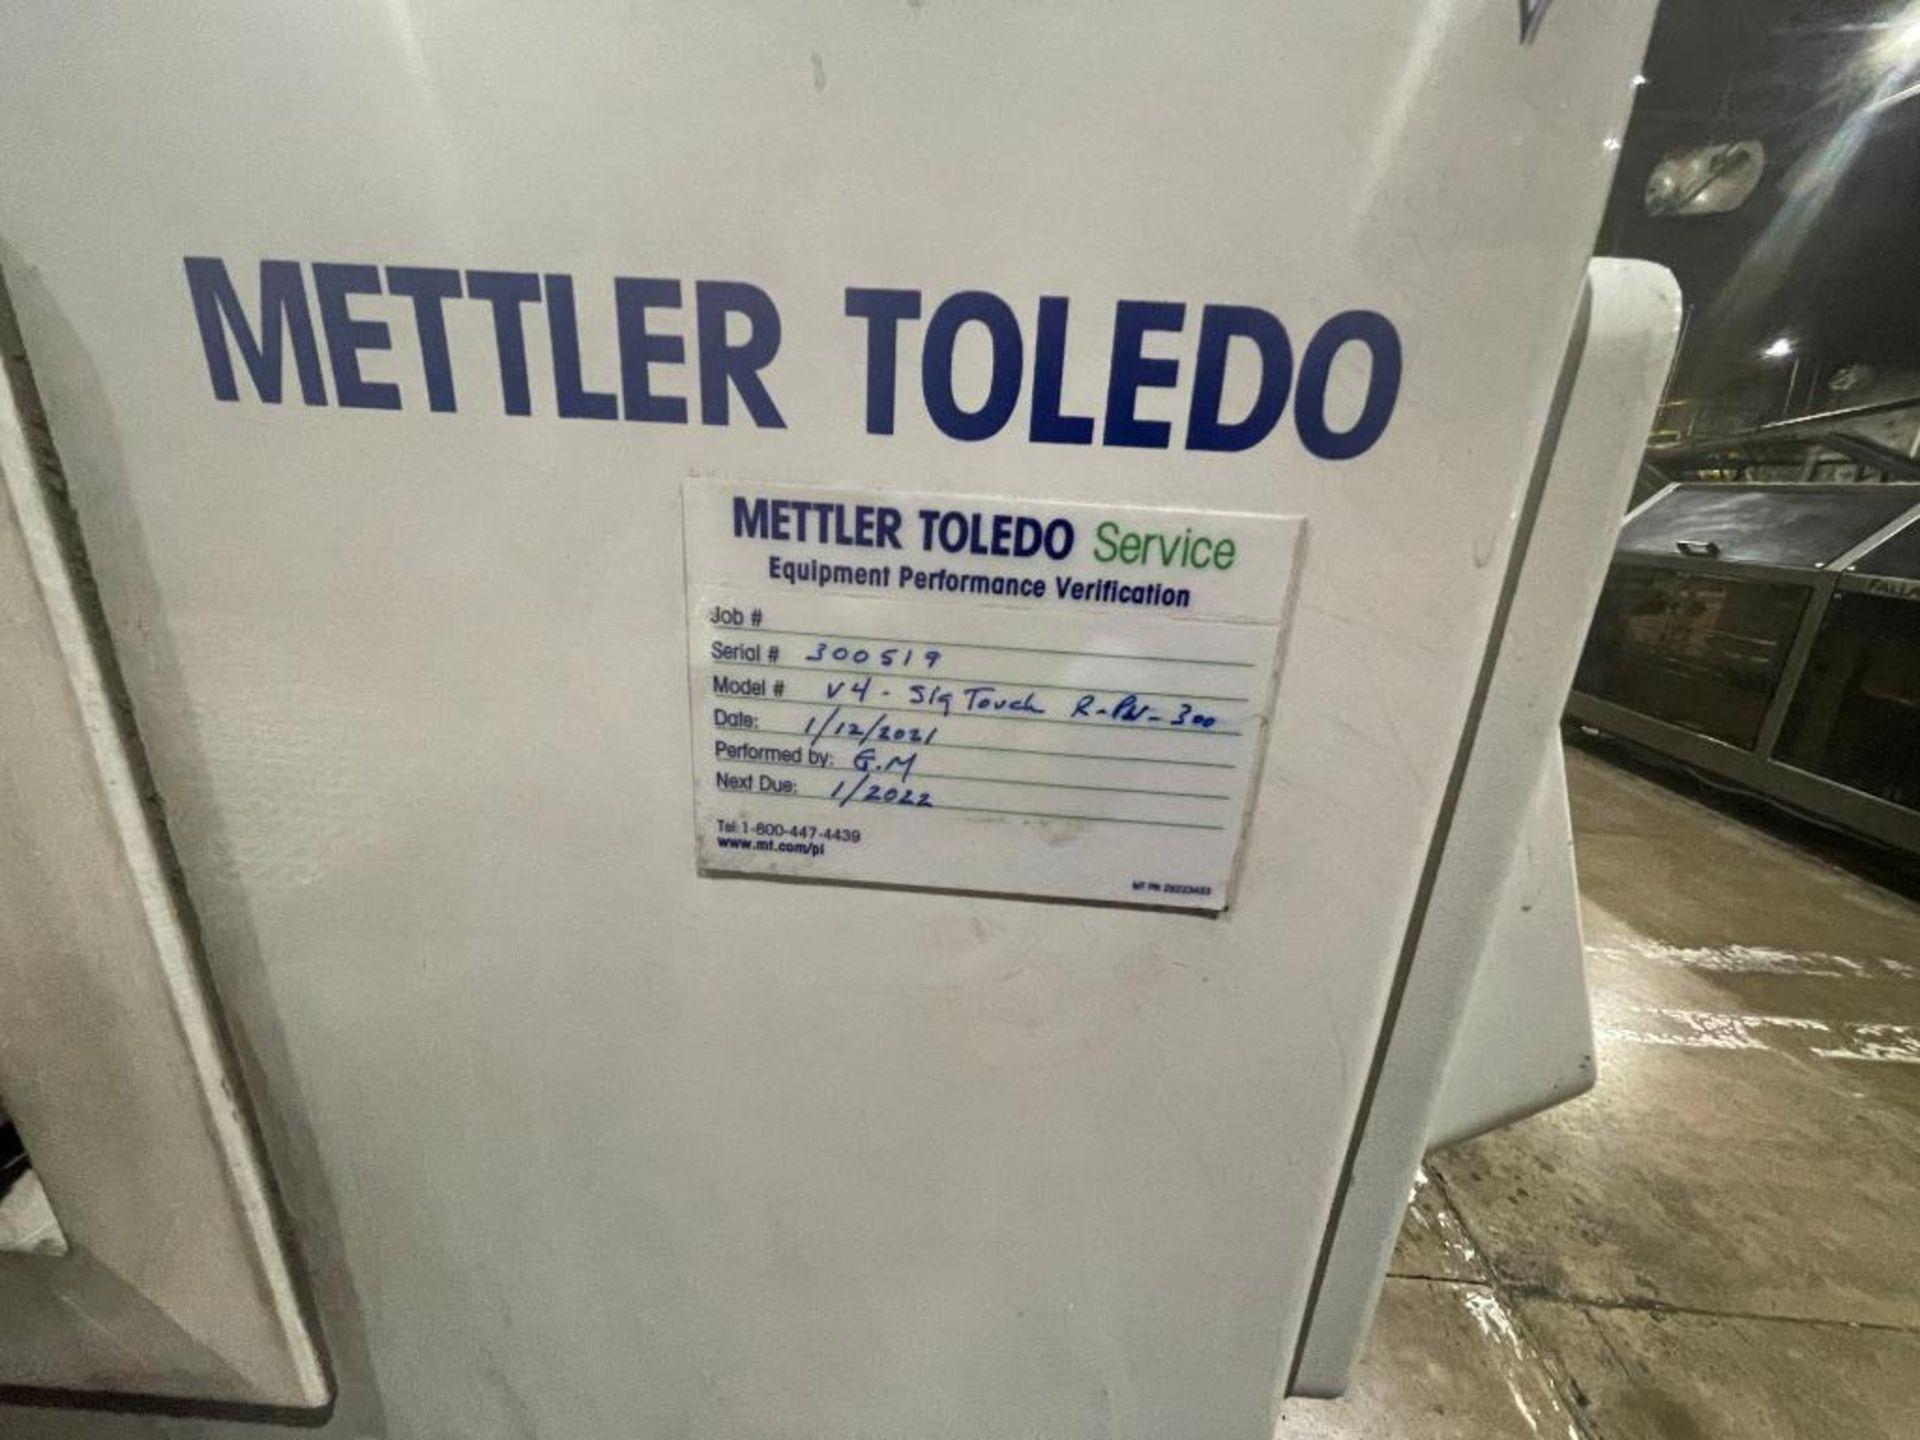 2016 Mettler Toledo metal detector, model SL1500 - Image 4 of 15